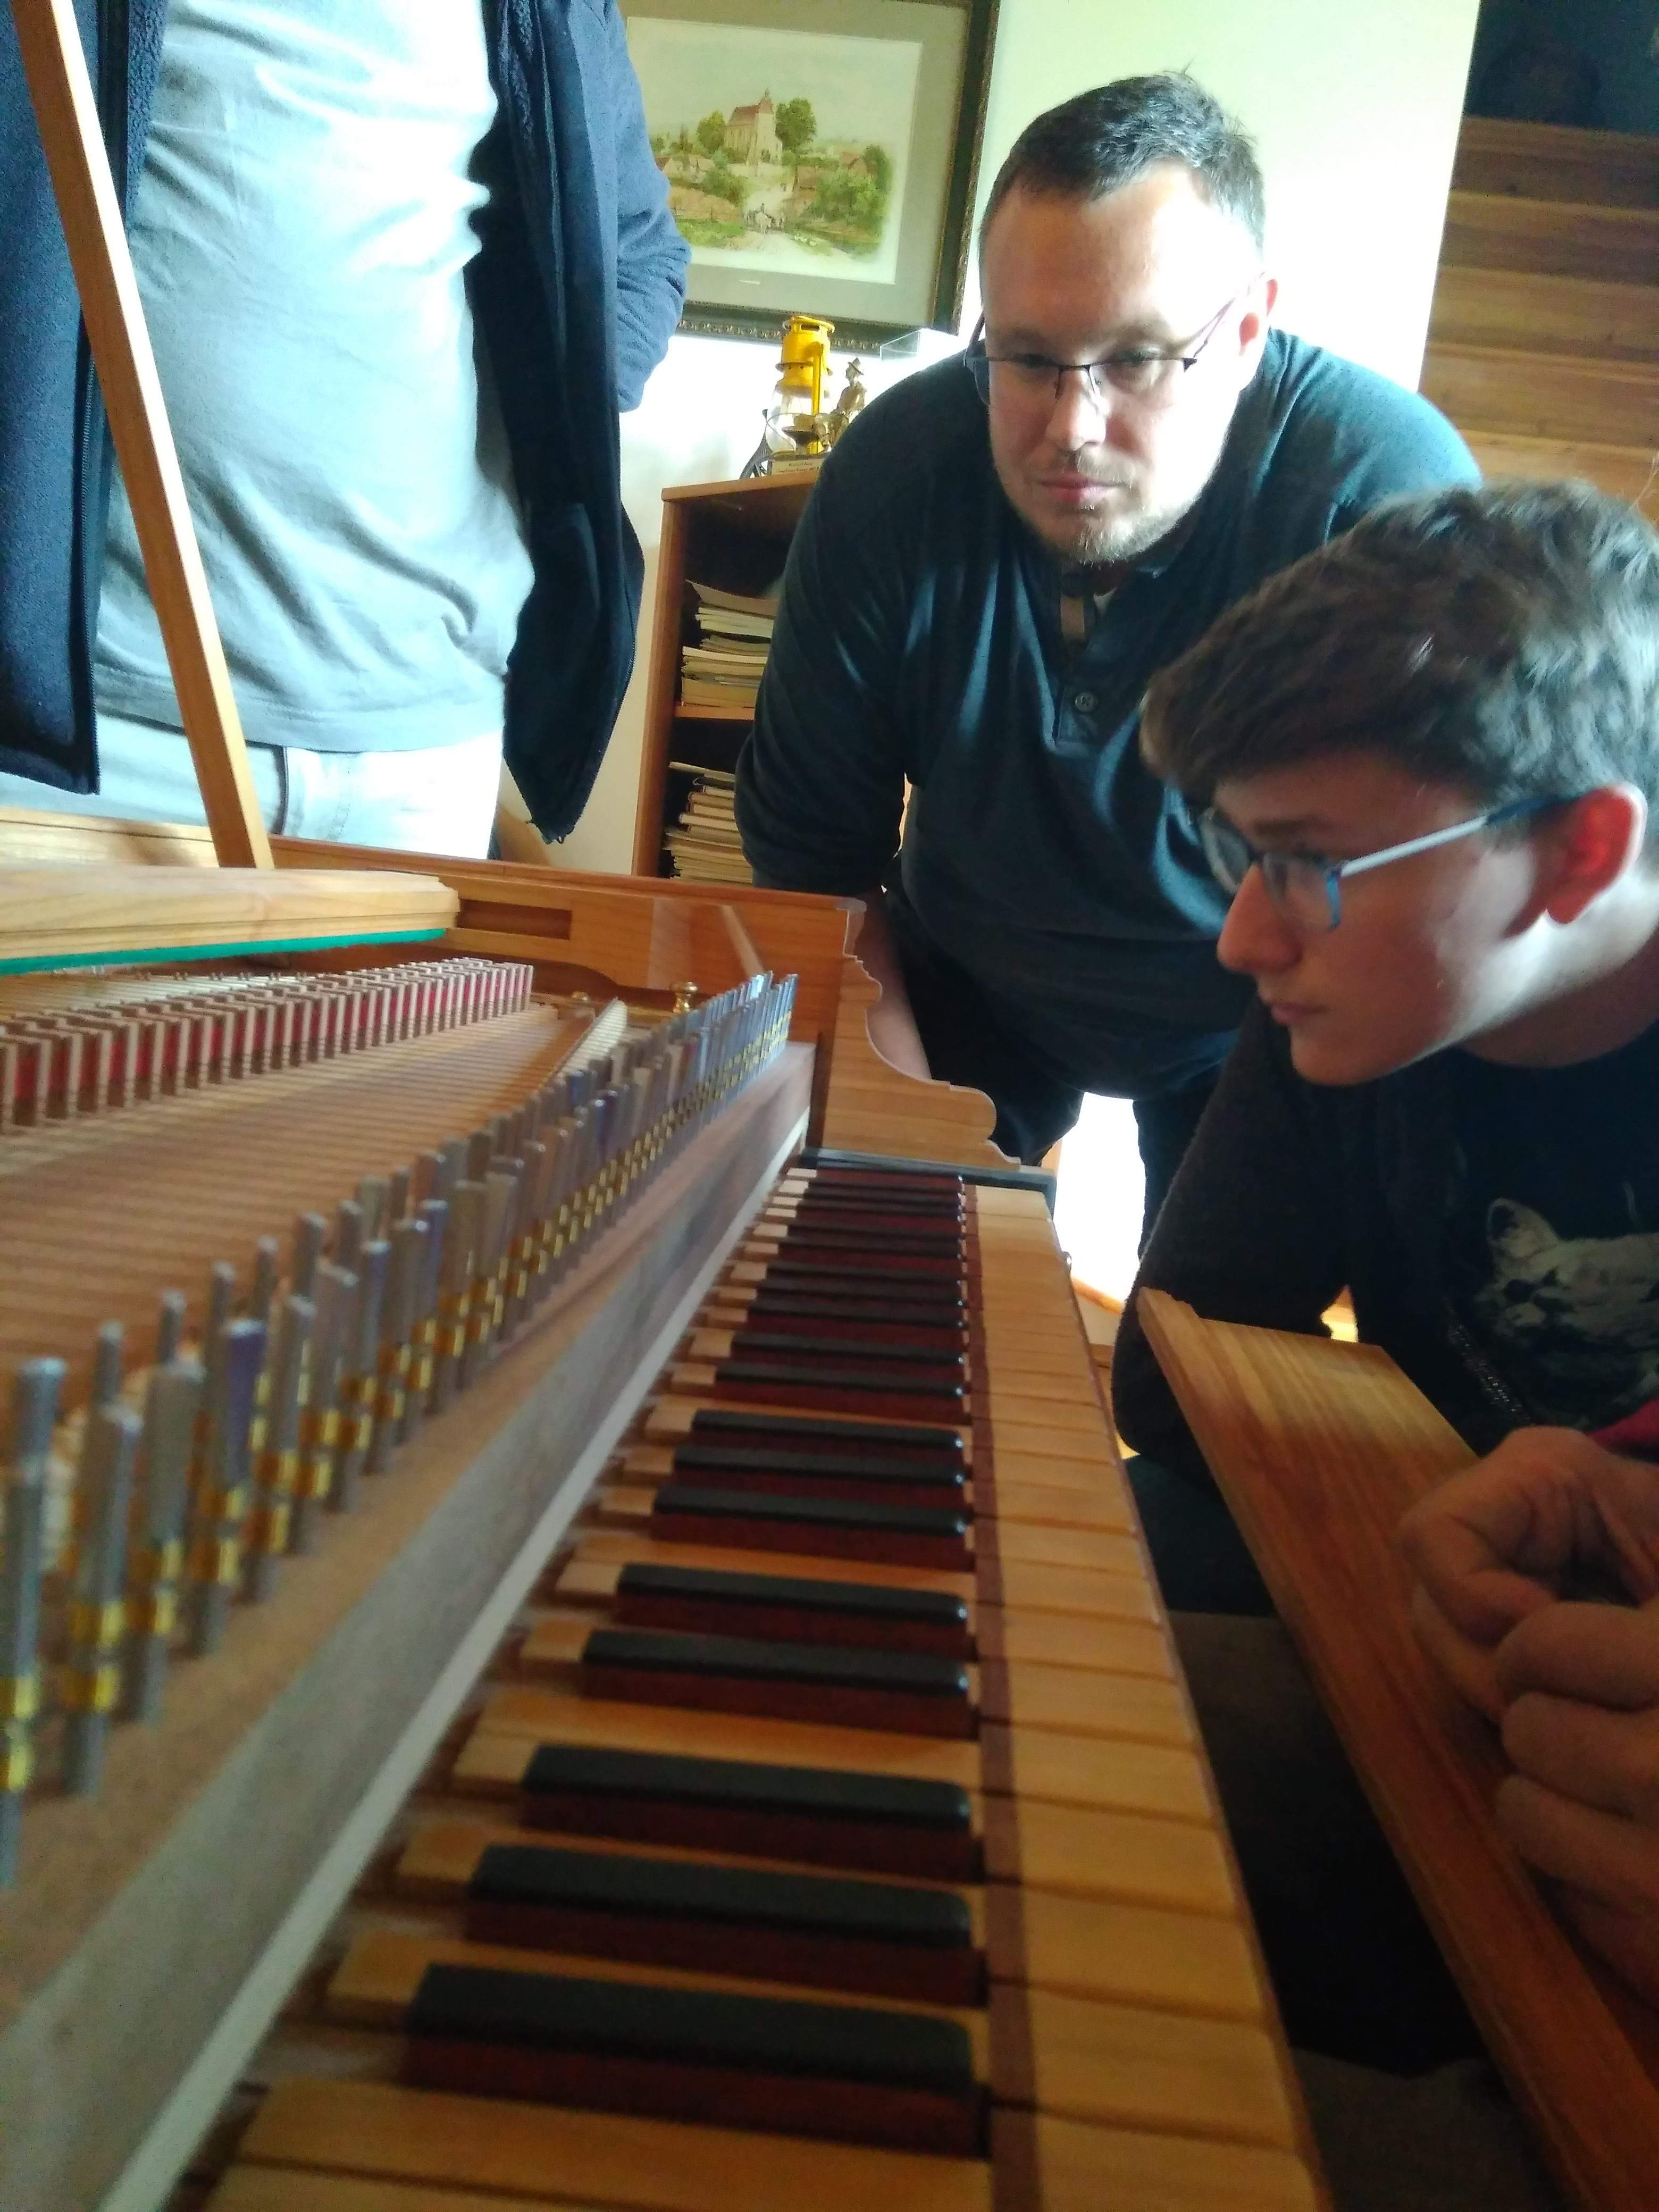 Krzysztof Kulis omawia budowę swojego klawesynu. Fot. A. Sutowicz